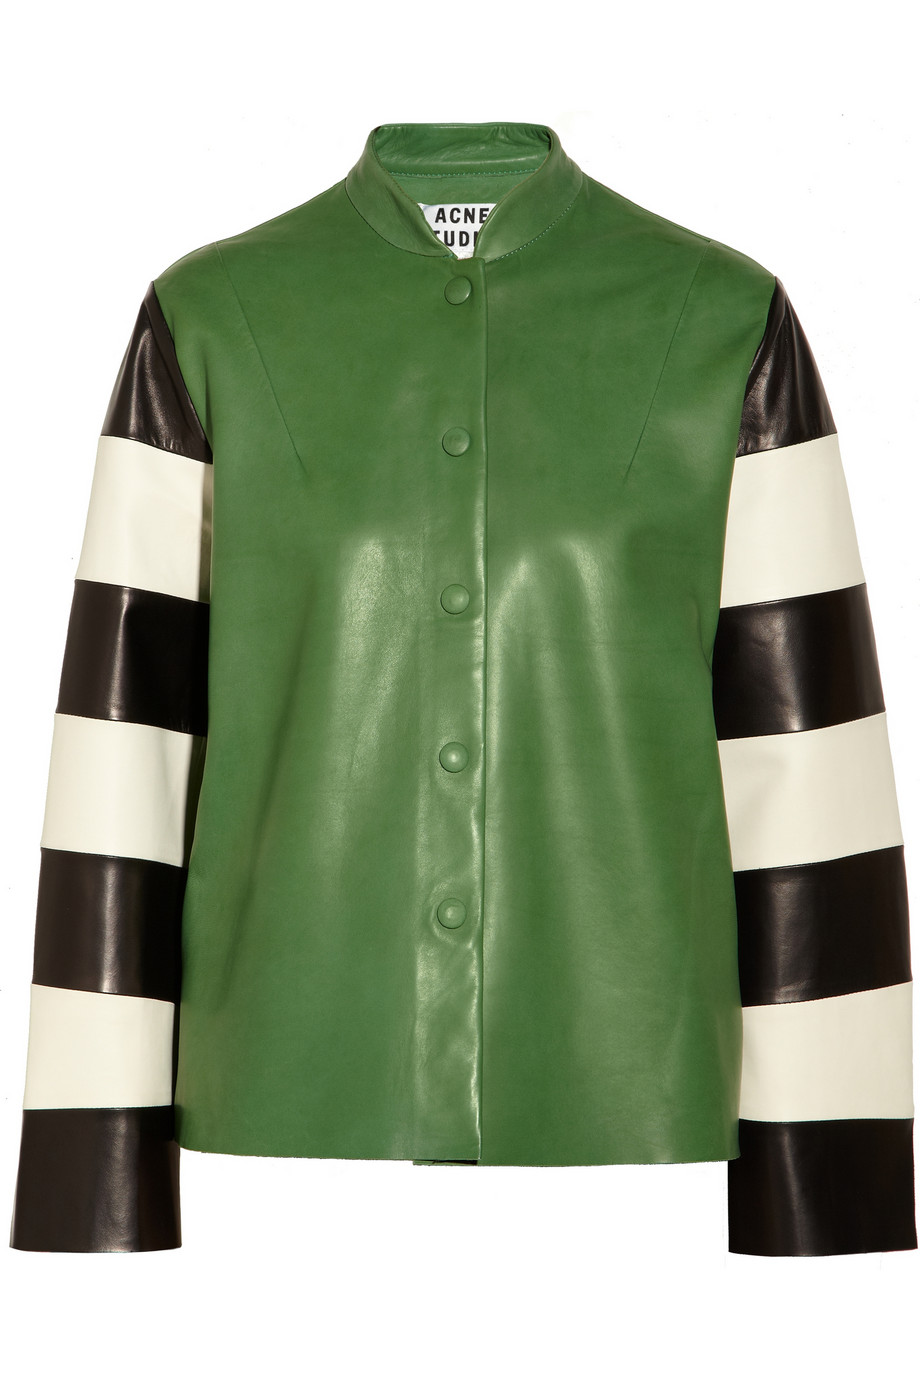 ACNE Leather Jacket SALE!!! Chaqueta de cuero, Chaquetas